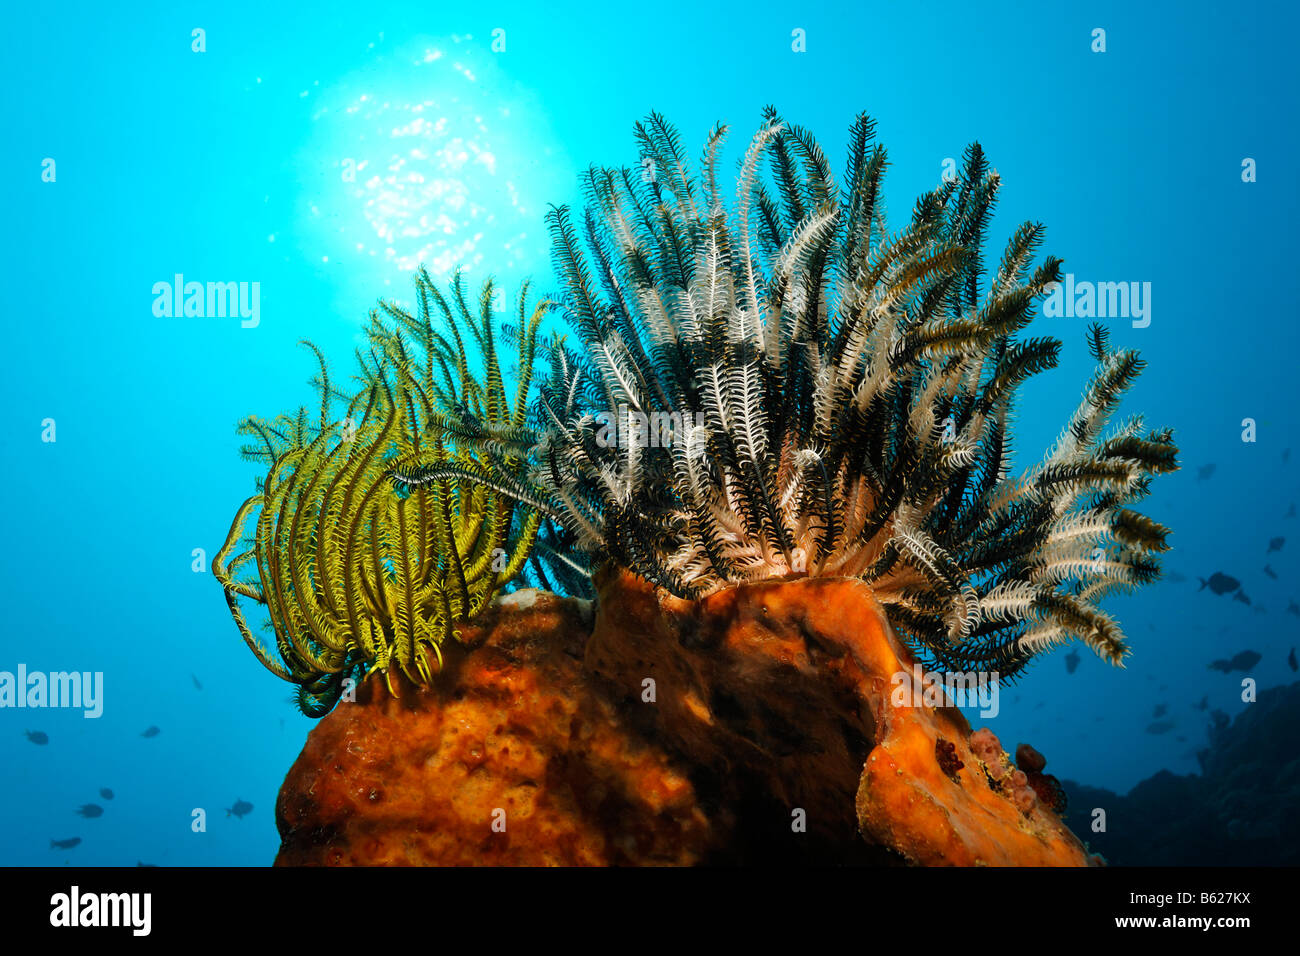 Black Crinoid, Meer Lilie oder Feder-Star (Oxycomanthus Bennetti), Klettern auf einen Schwamm, Selayar Island, West Stockbild